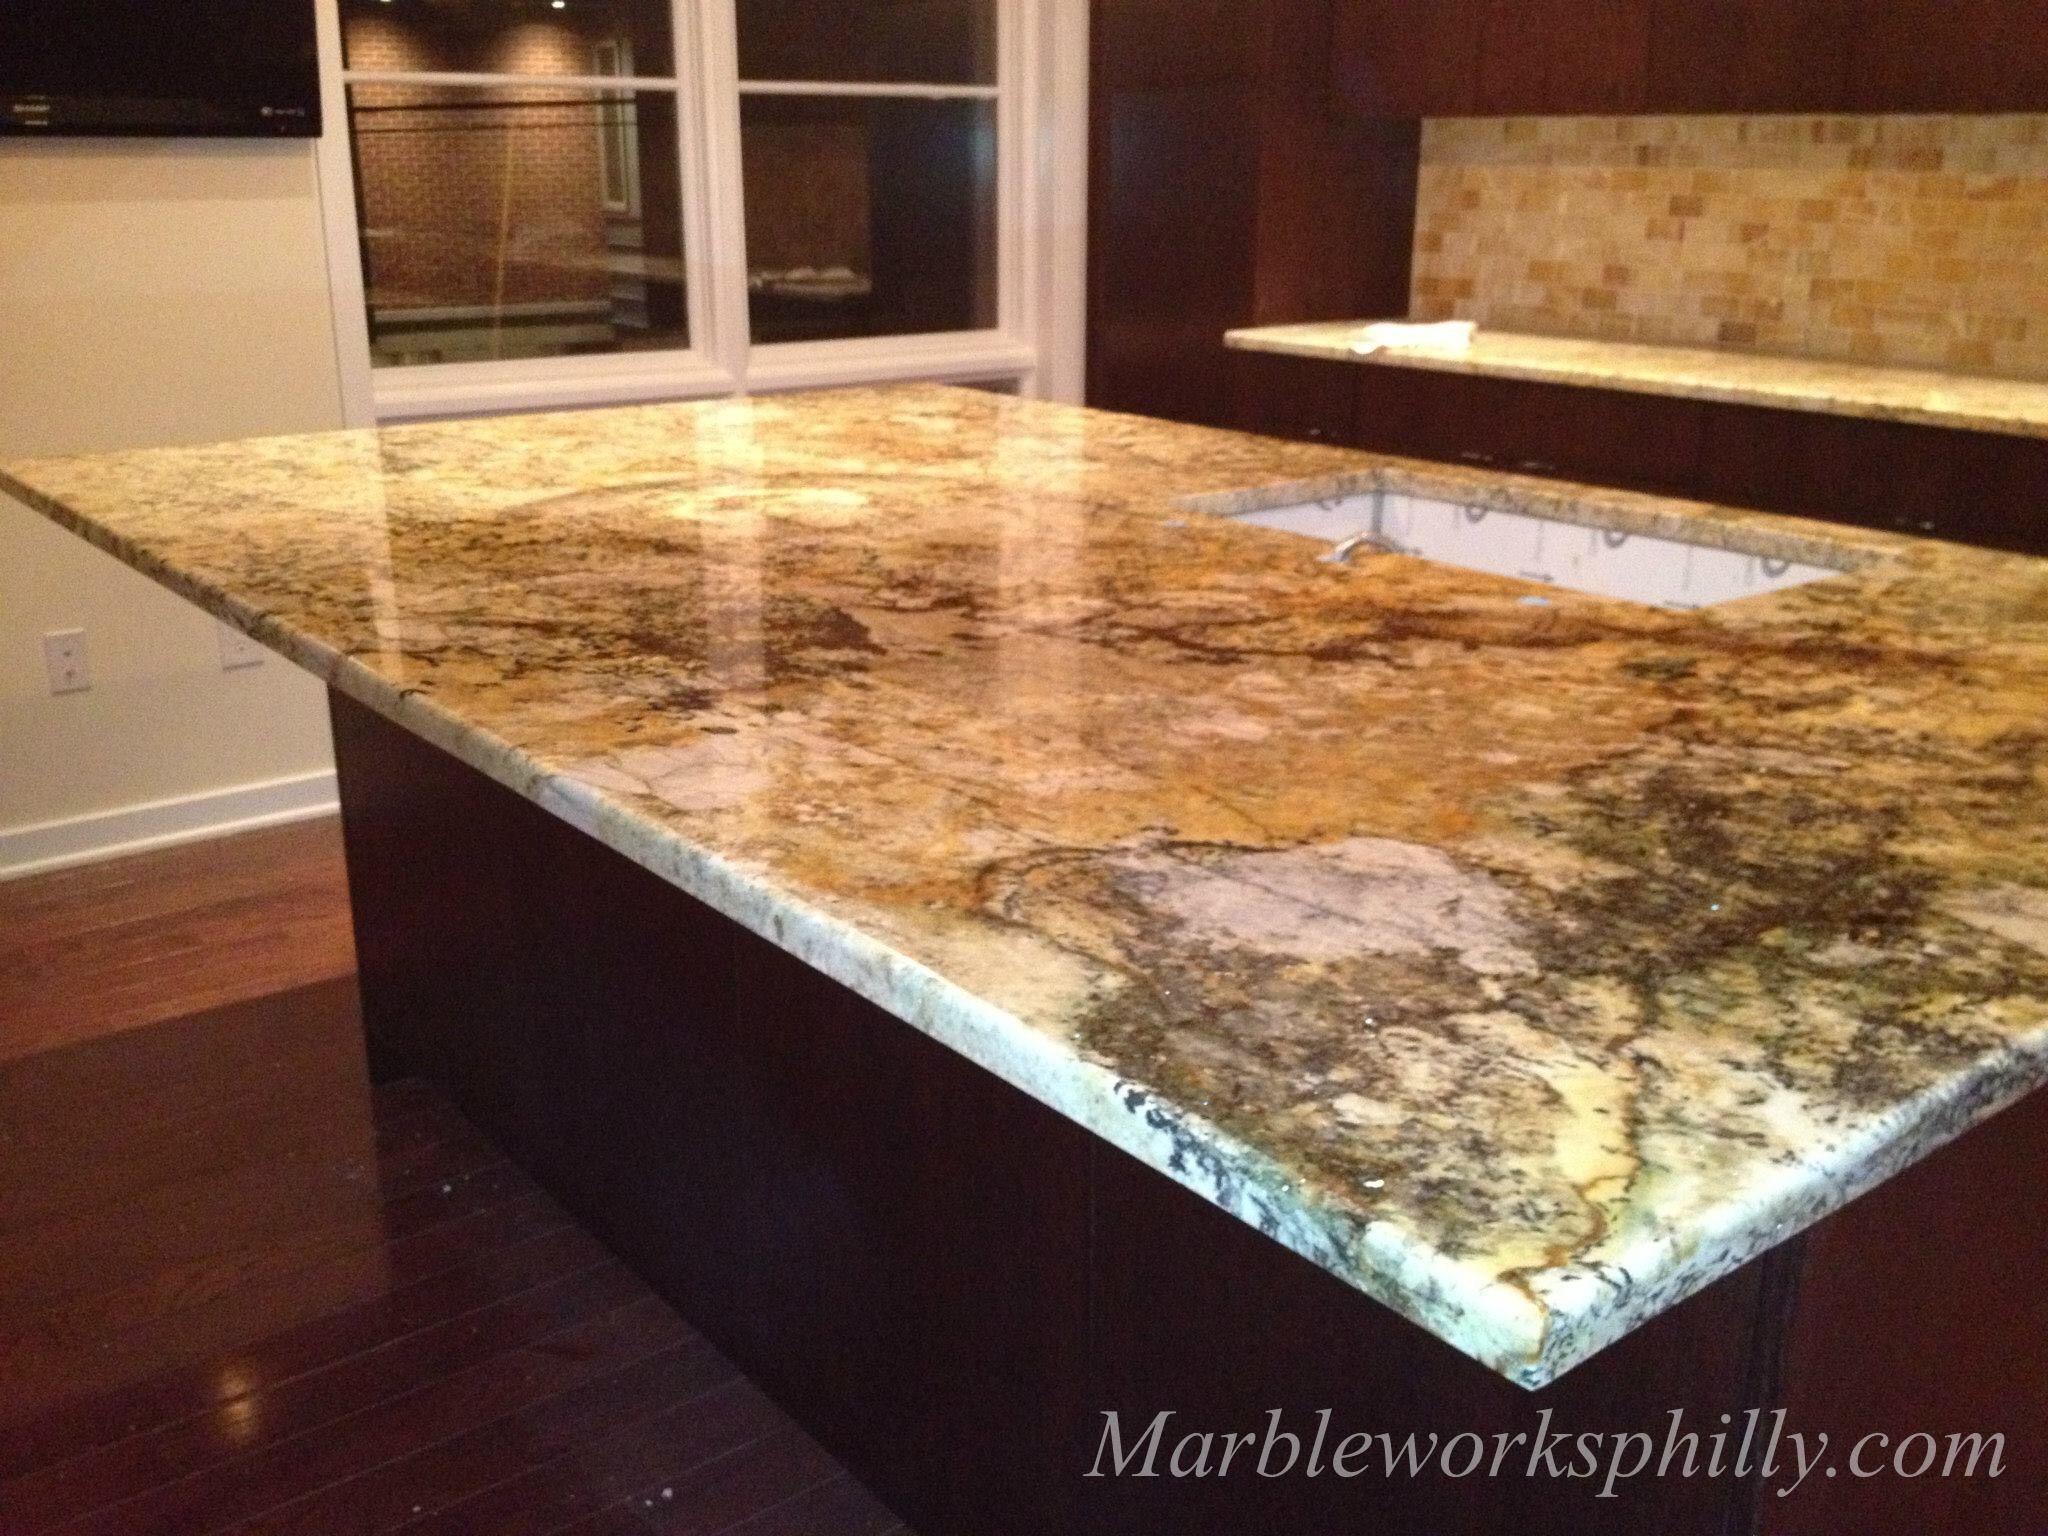 Marble Works Inc 1530 Washington Ave